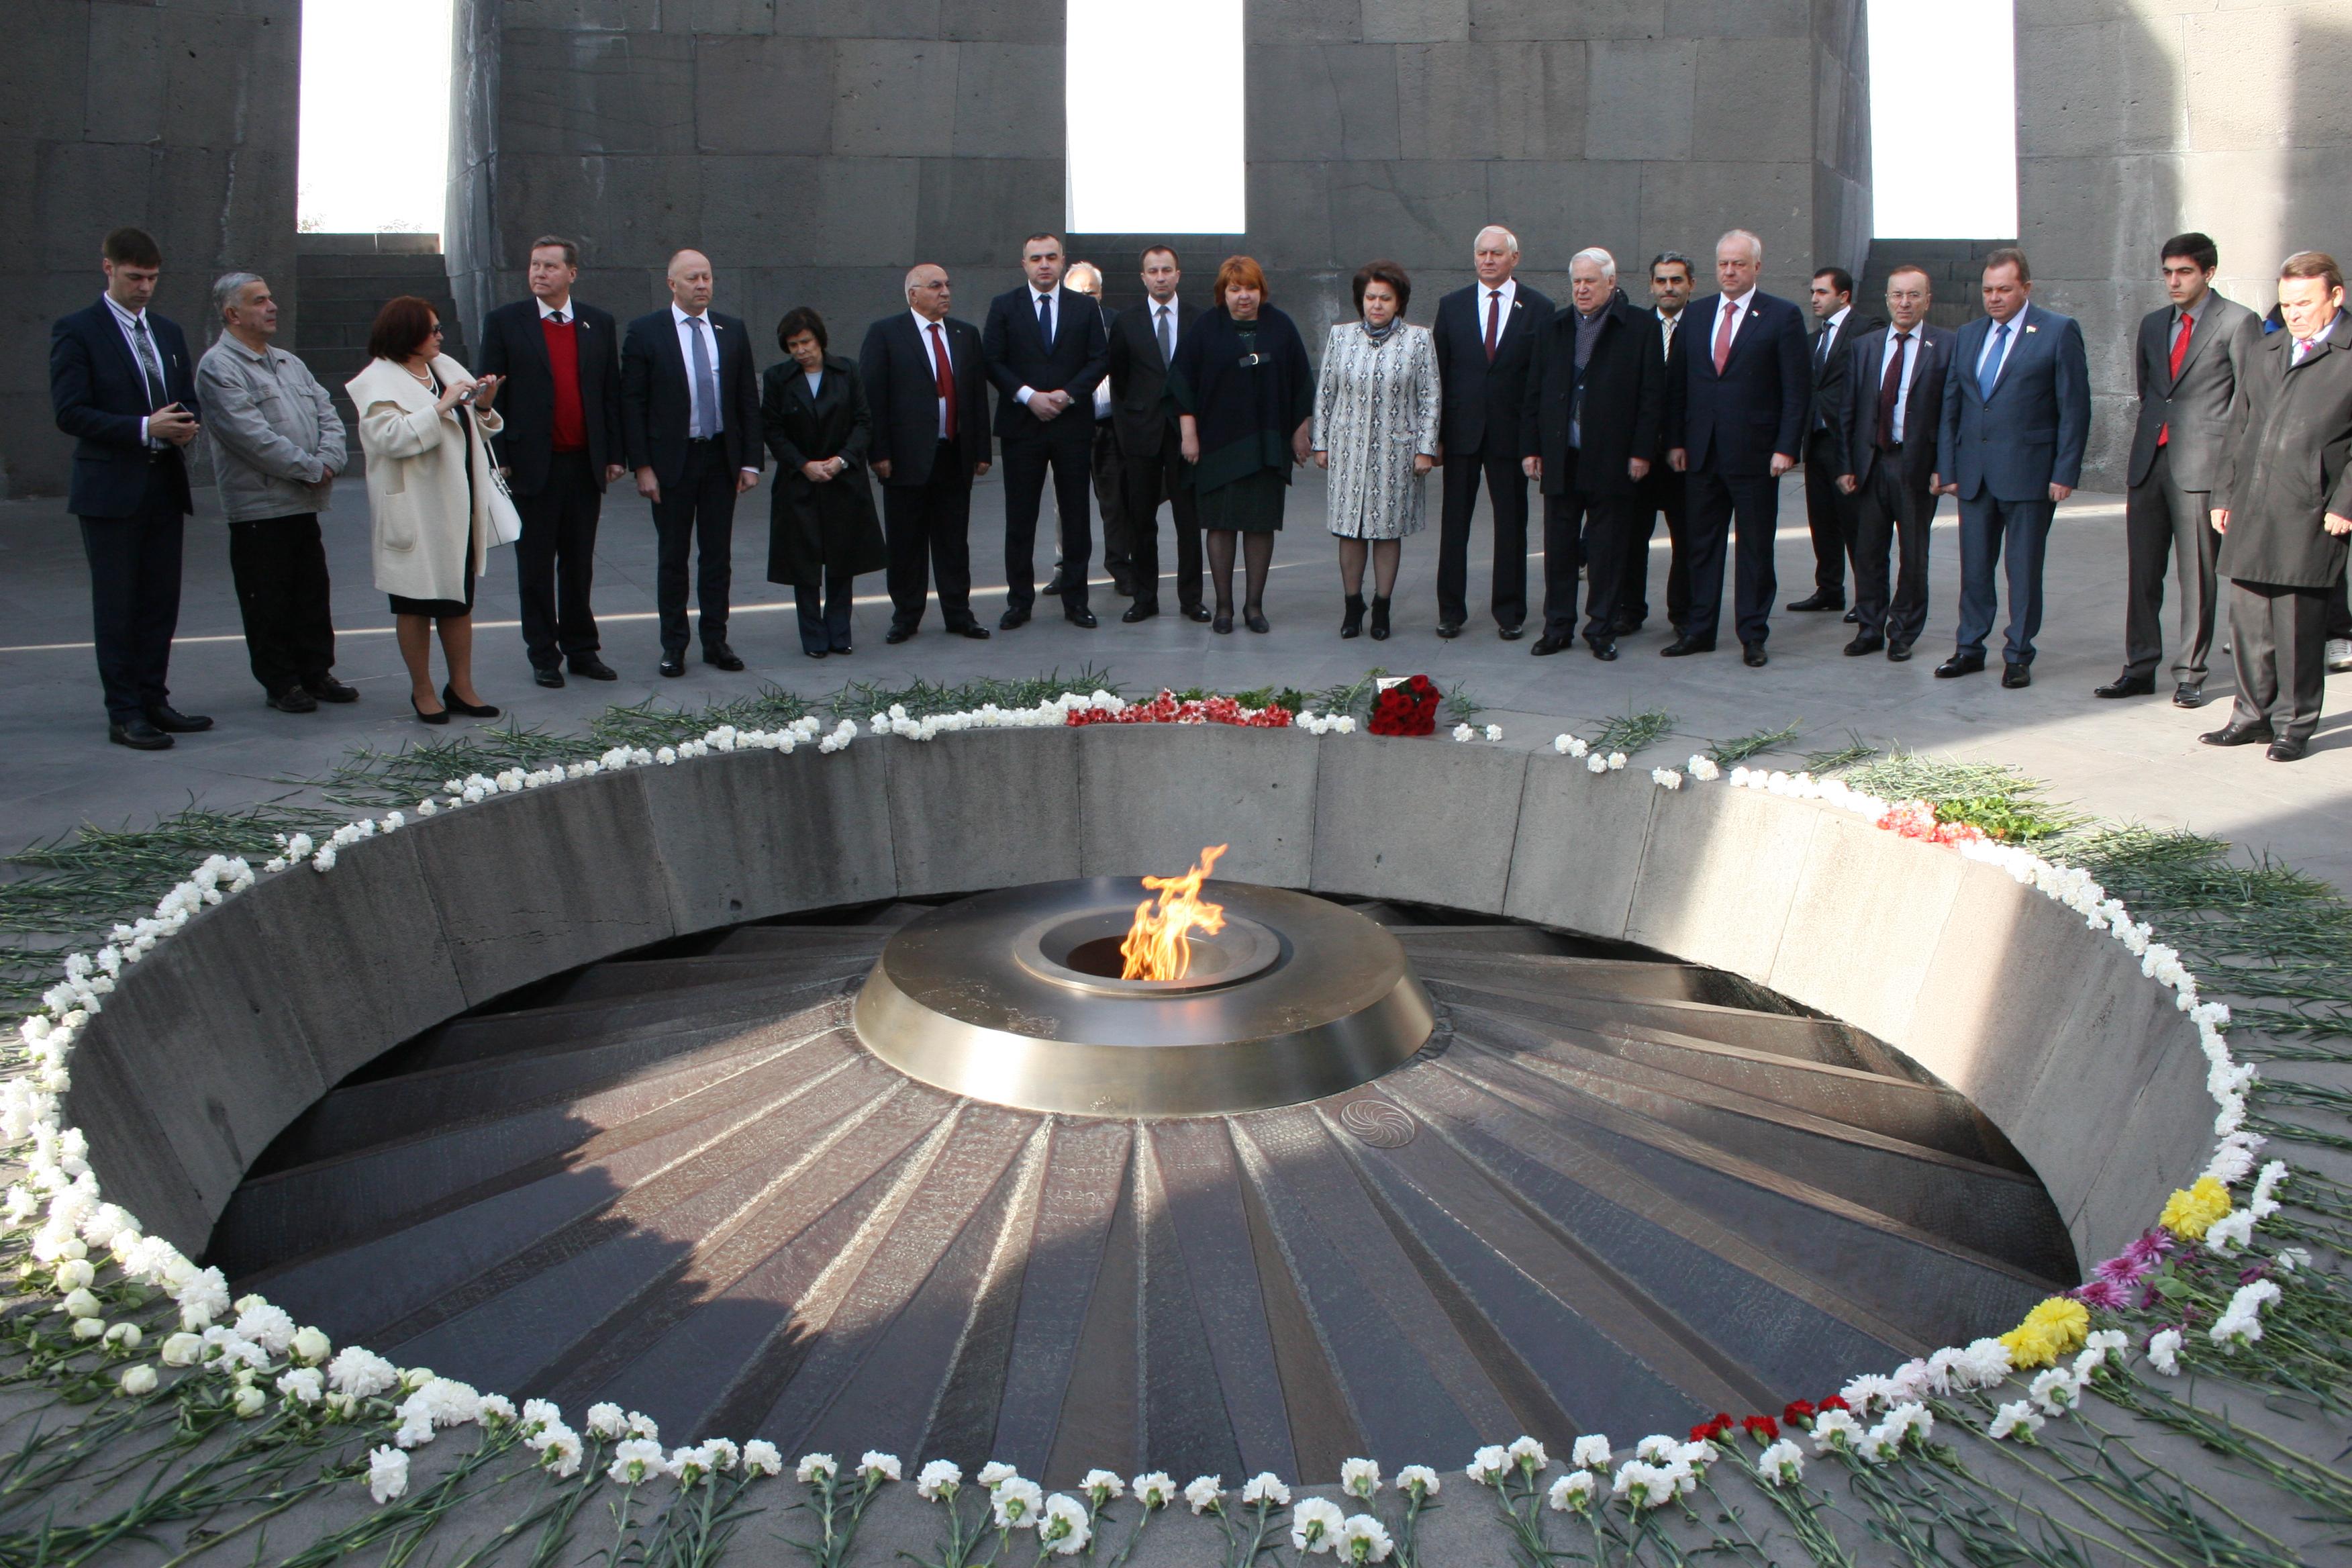 Рыжков: Пройдут века, но никогда не забудется Геноцид армян